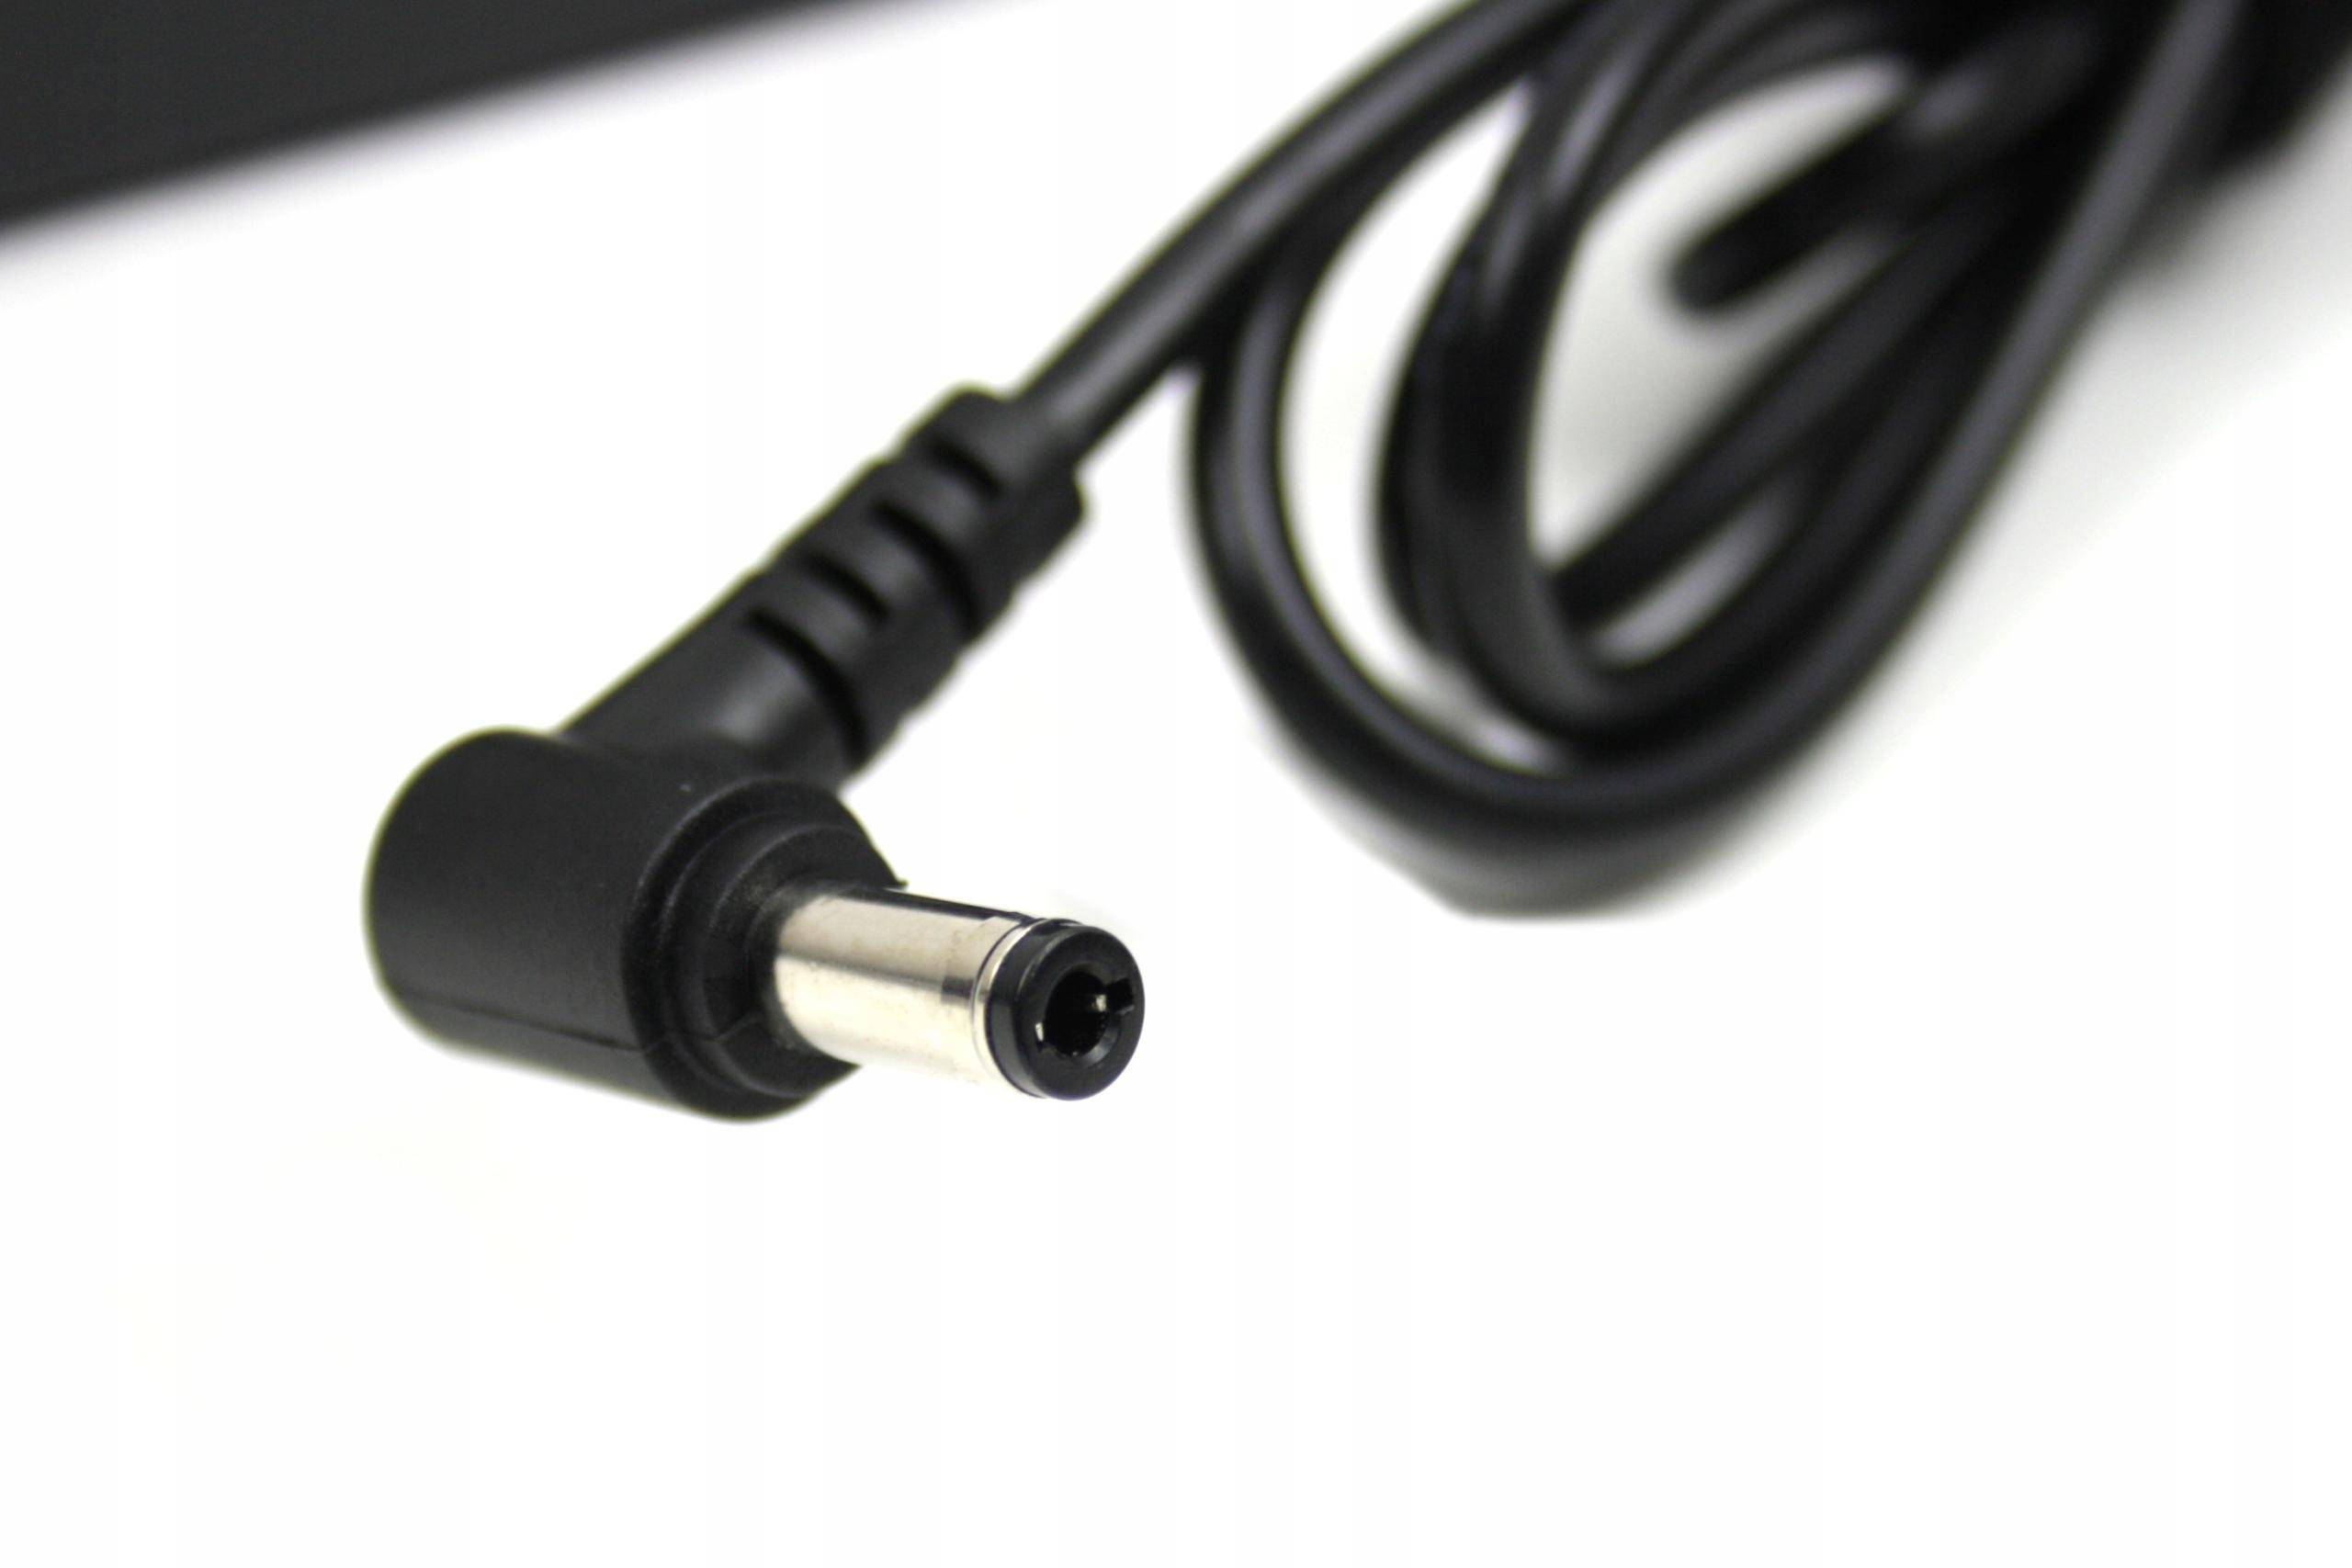 ZASILACZ ŁADOWARKA 19V 3.95A 5.5*2.5mm TOSHIBA HP COMPAQ - Zasilacze do laptopów